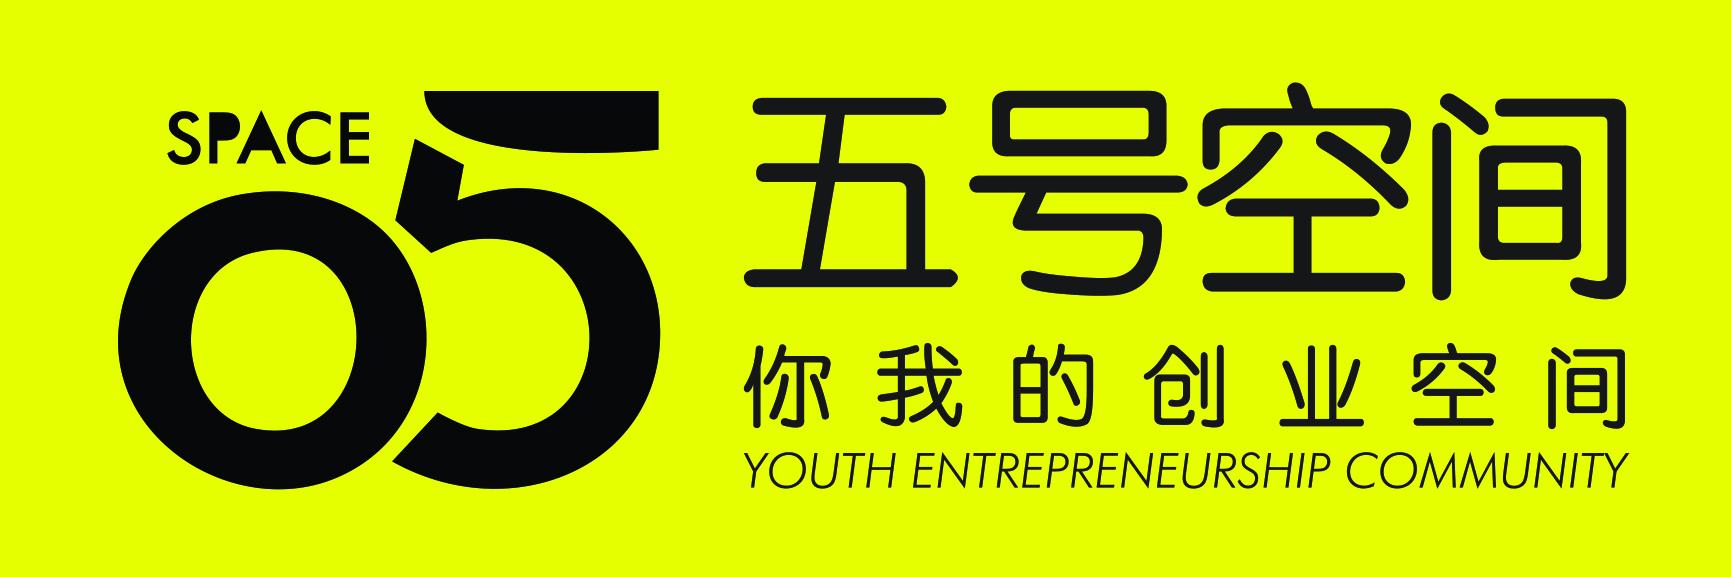 [悉尼]众创五号空间 logo.jpg